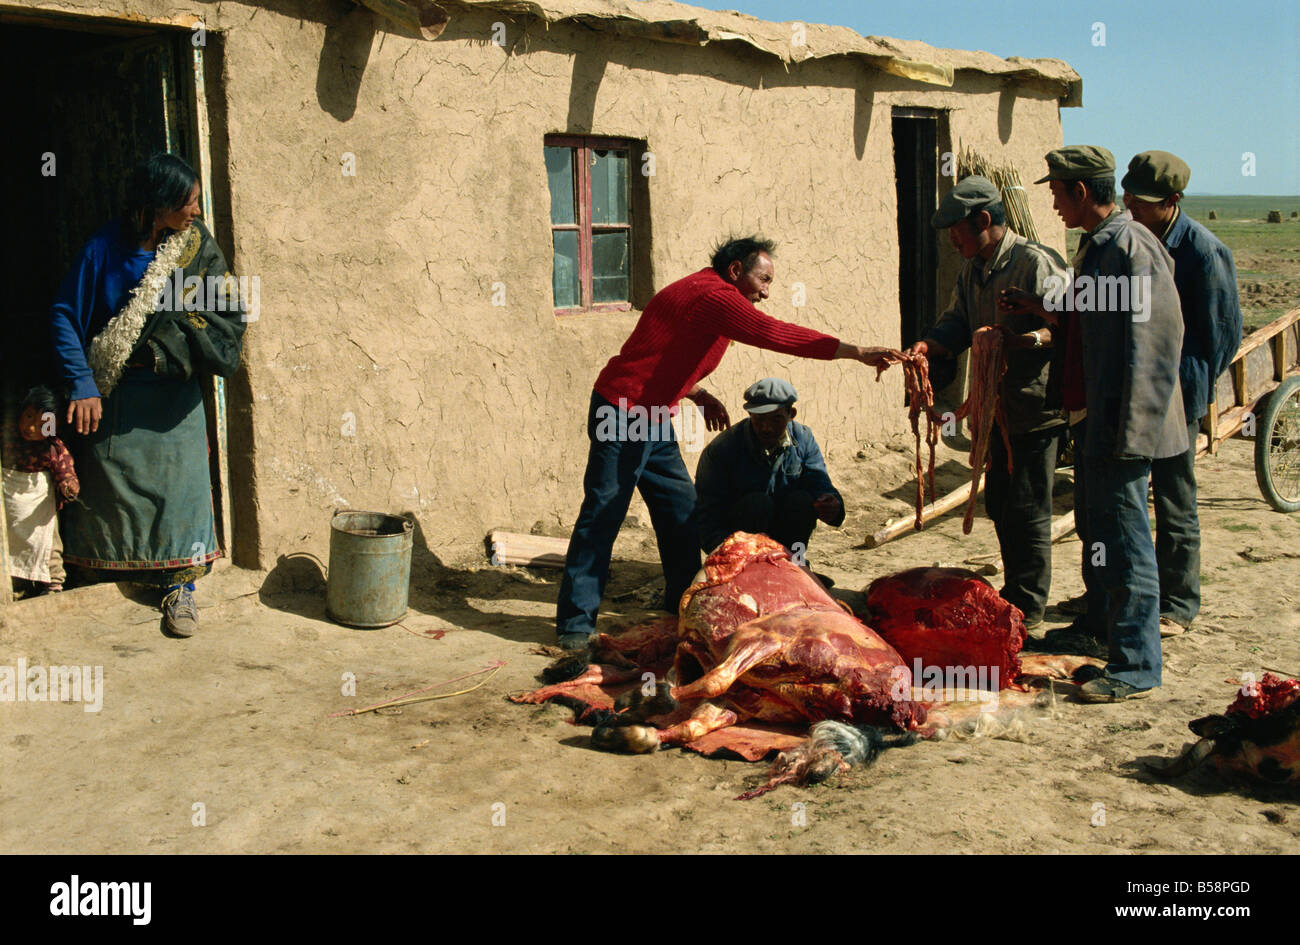 Tibetans preparing yak meat Qinghai China Asia - Stock Image